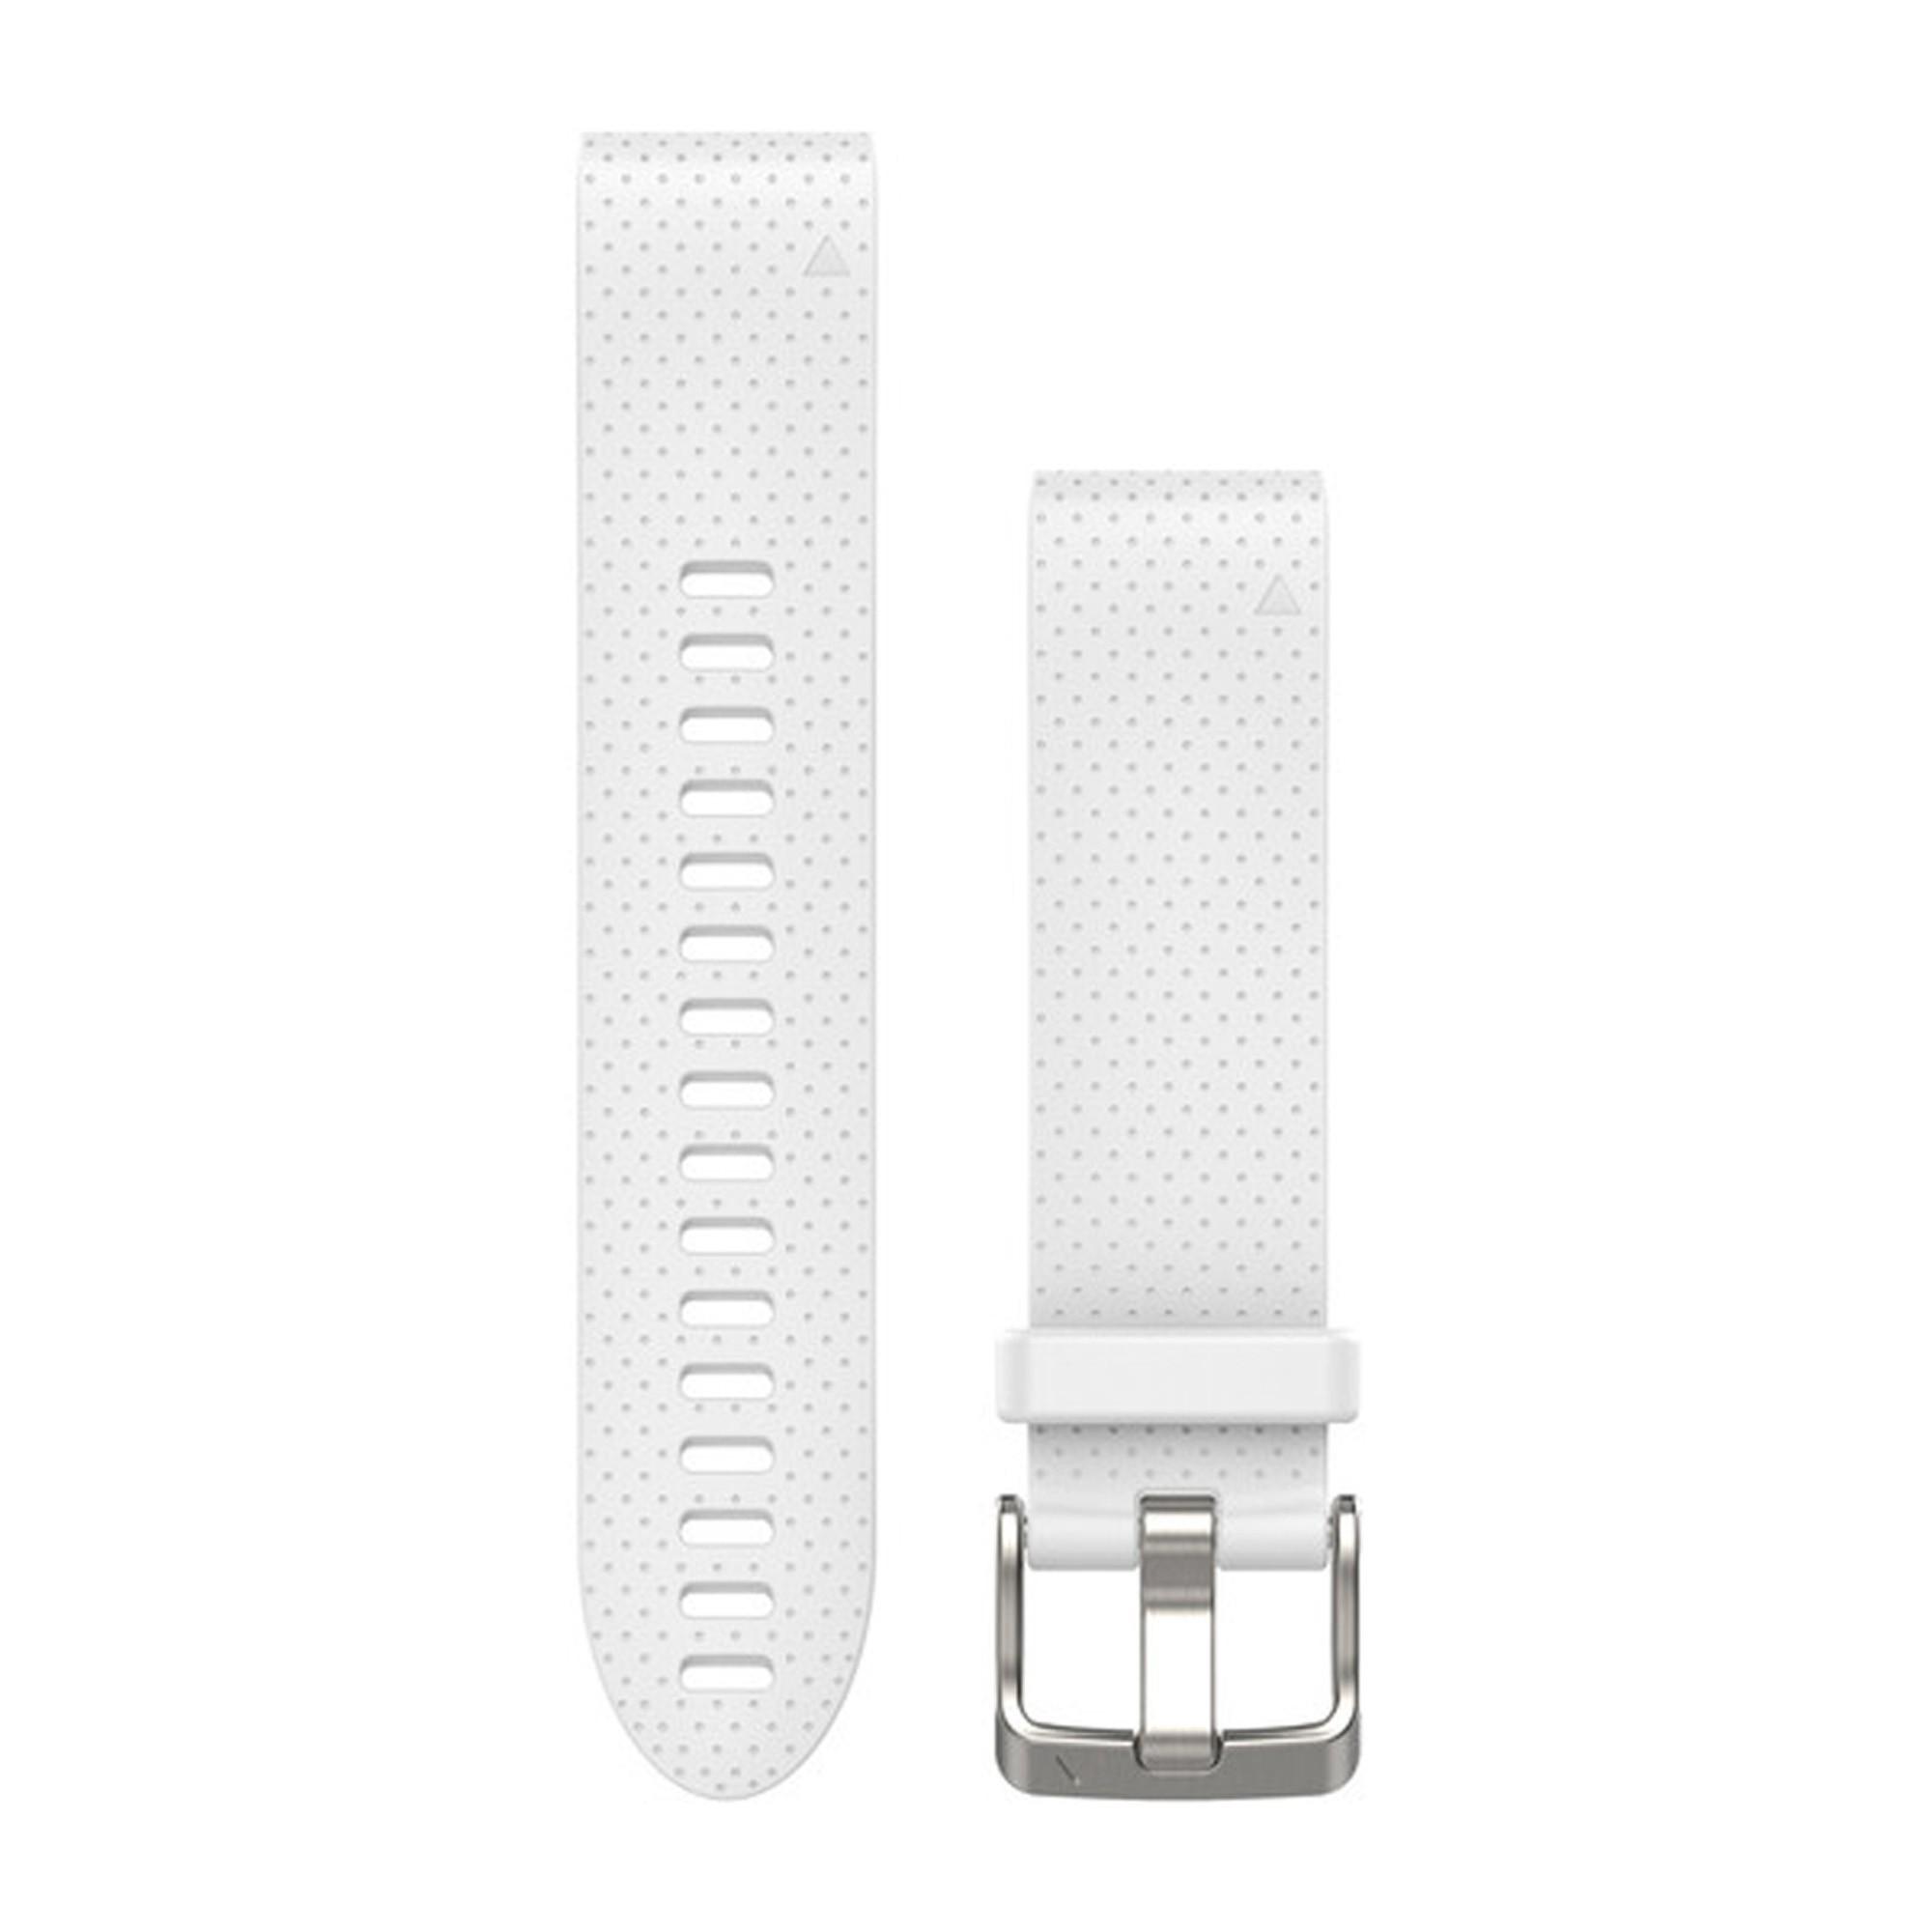 Bracelet silicone Fenix 5s 20mm